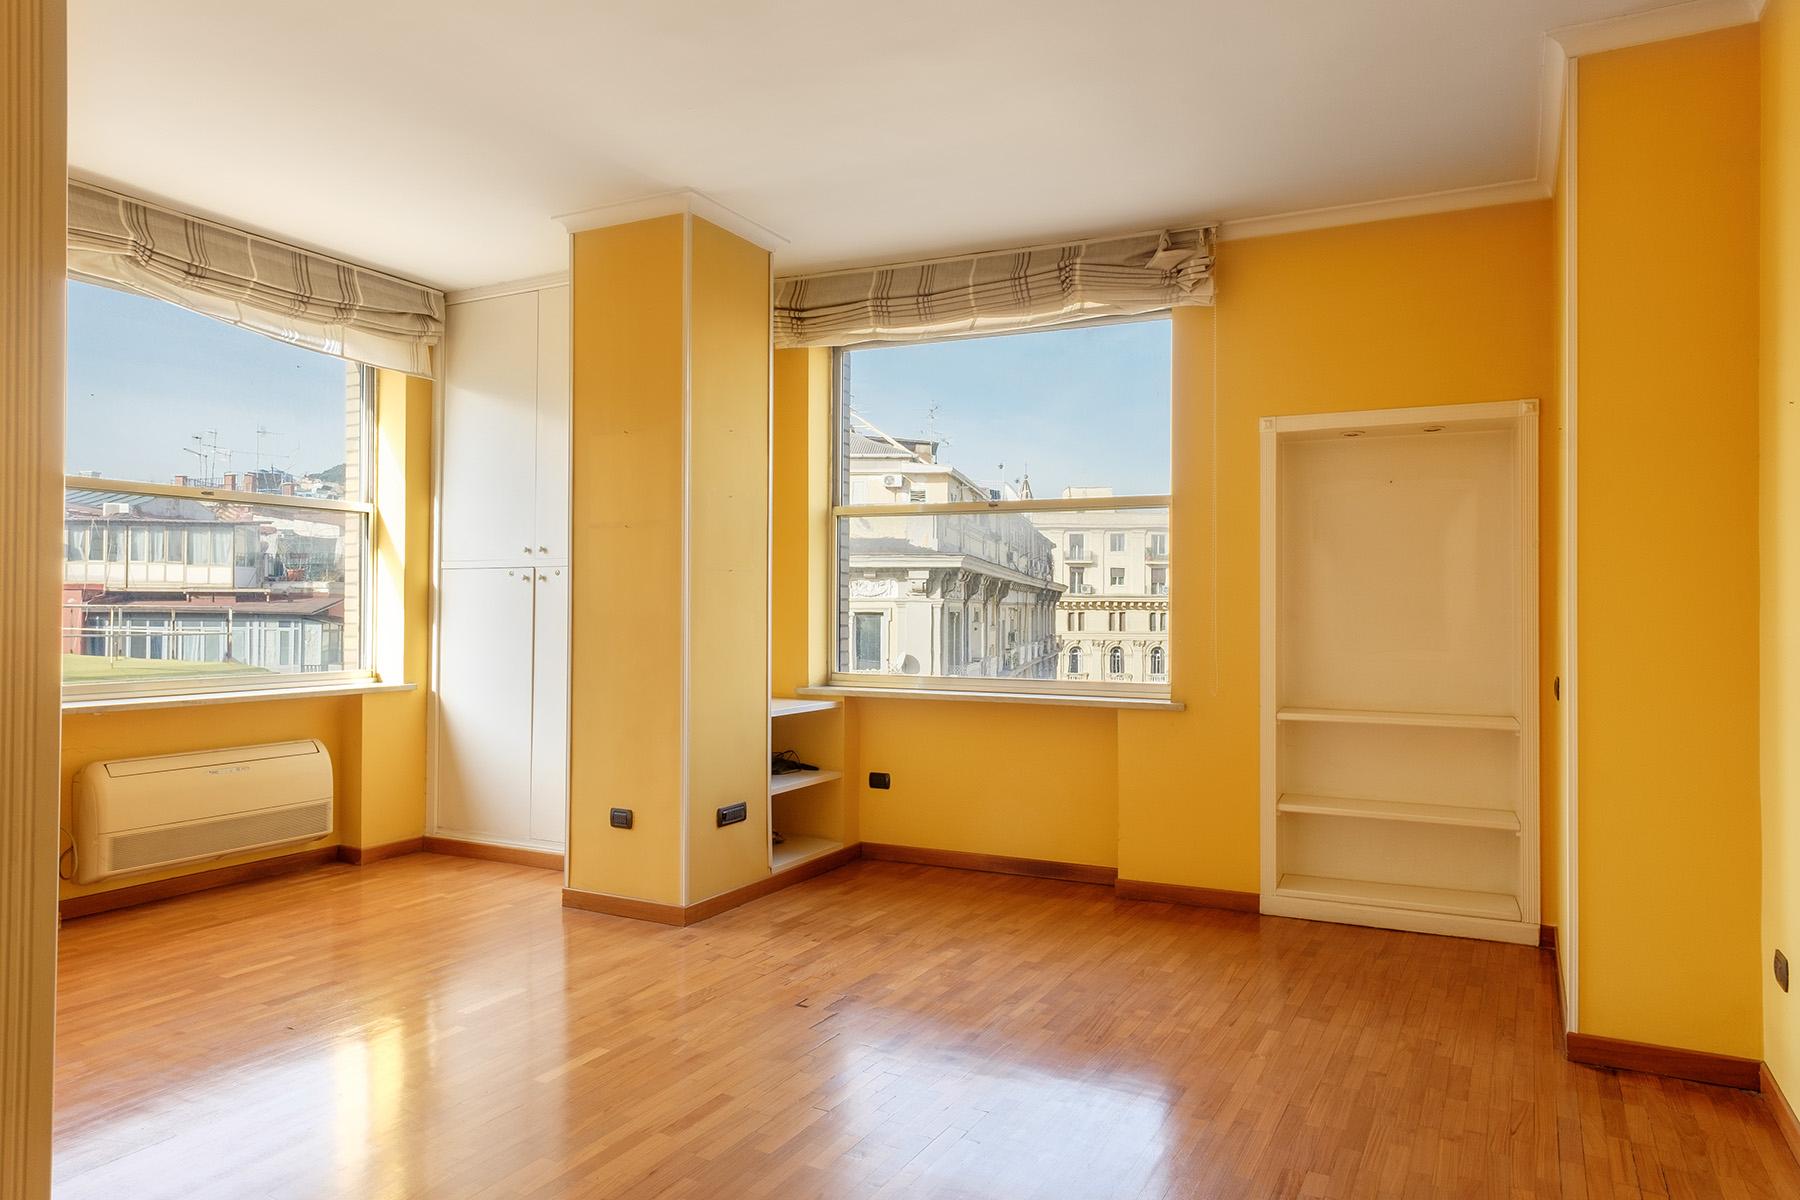 Appartamento in Vendita a Napoli: 5 locali, 240 mq - Foto 7